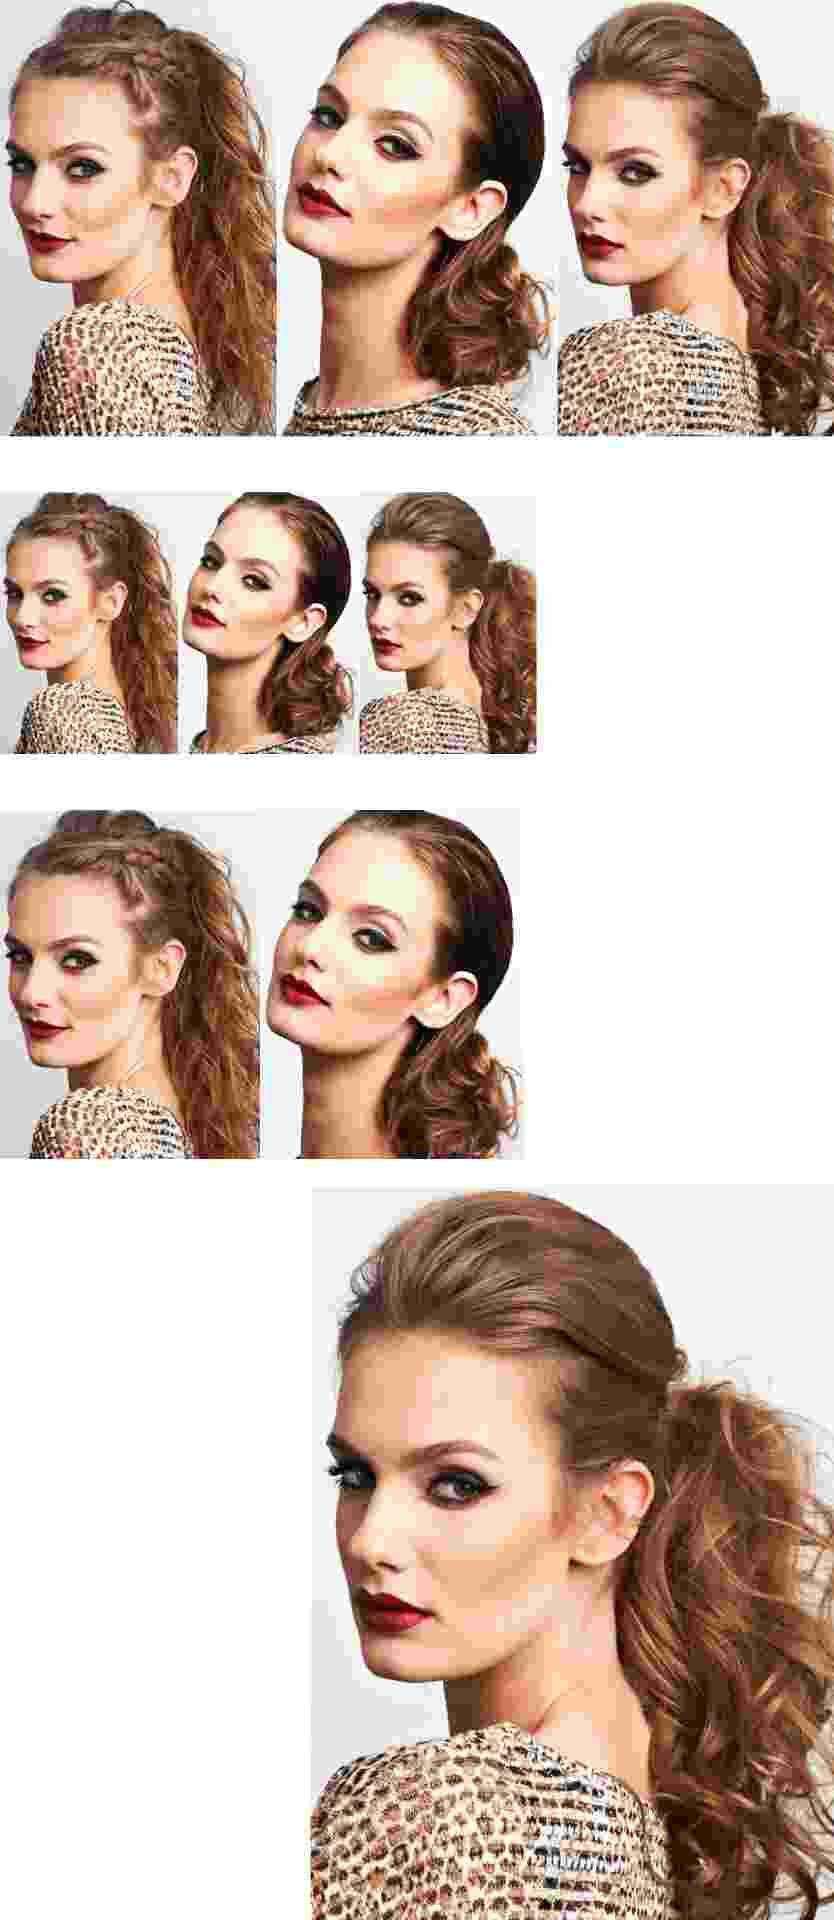 cabelos presos ganham detalhes simples e incrementam o visual - Christian Parente/UOL